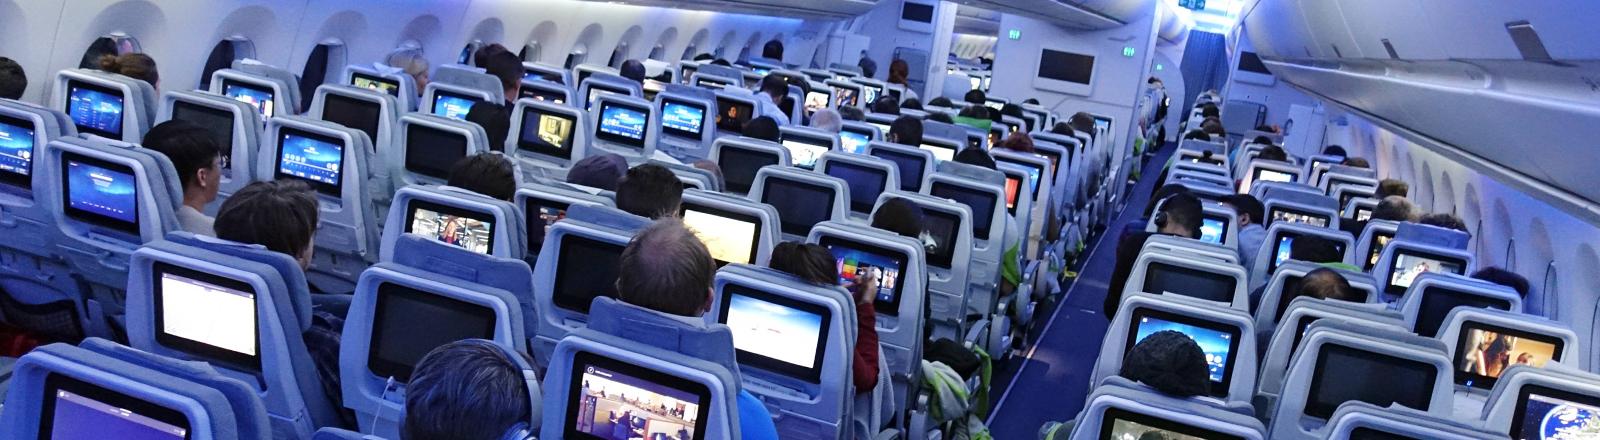 Im Inneren eines Flugzeugs.